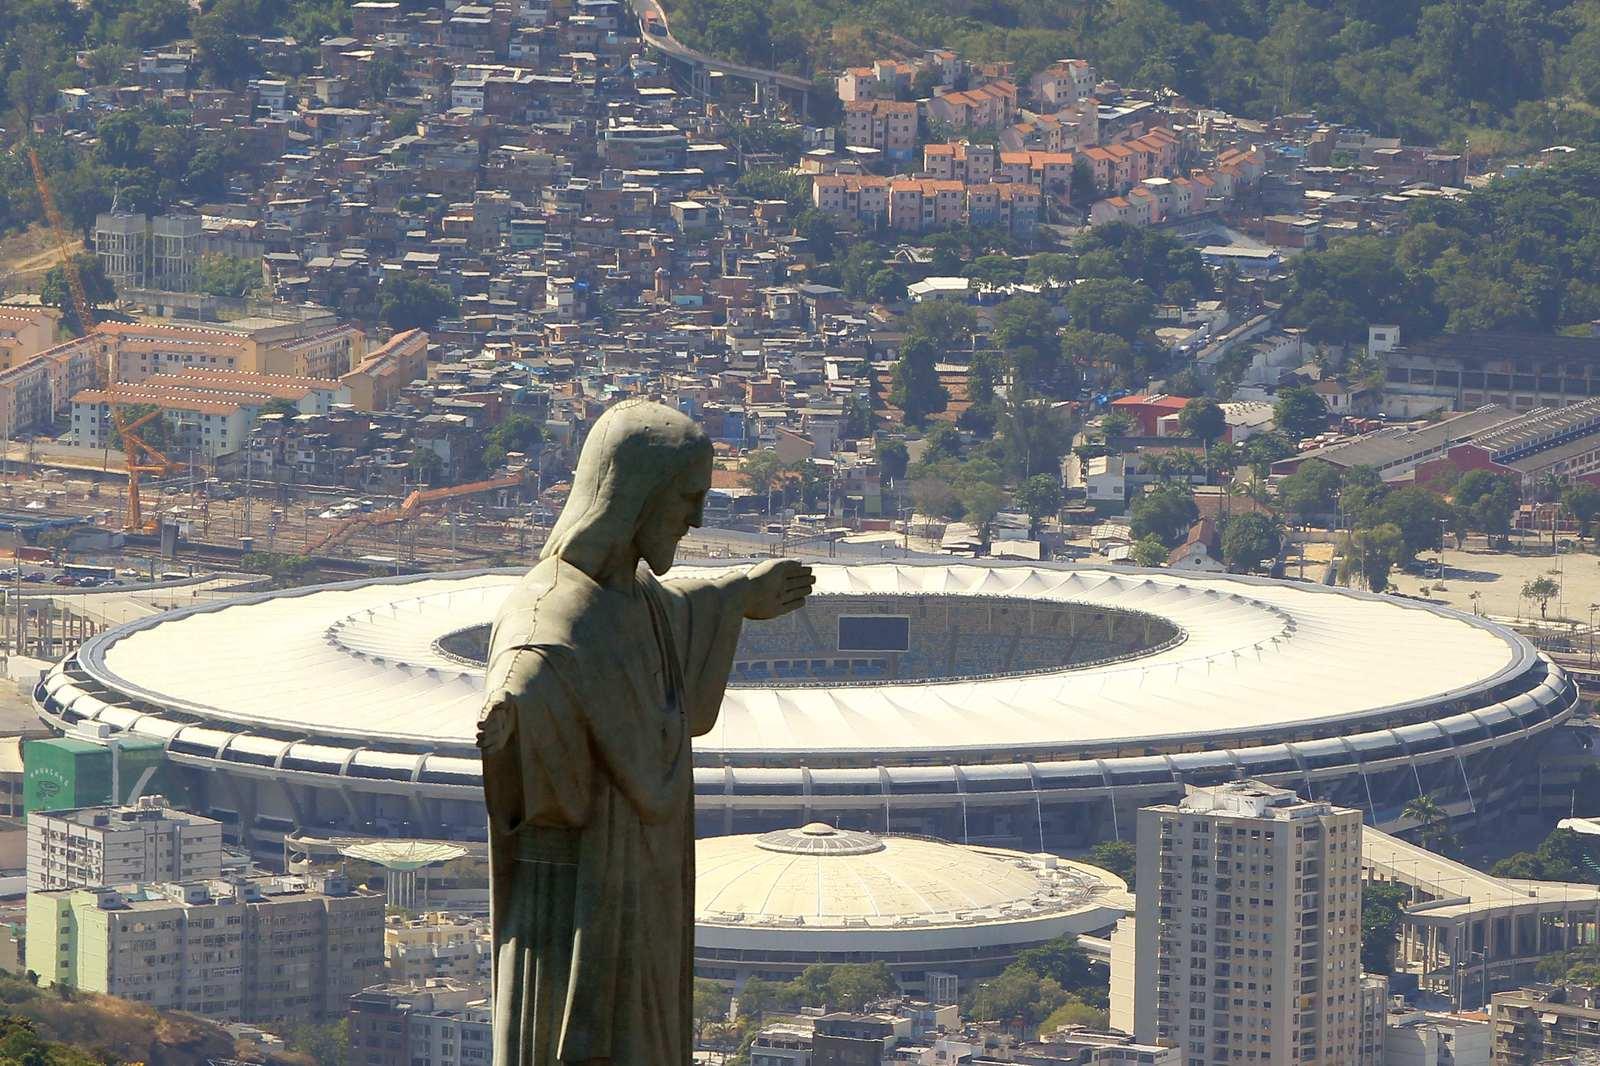 На крупнейшем бразильском стадионе имени Марио Филью будут проходить церемонии открытия и закрытия Олимпийских игр, а так же футбольные состязания